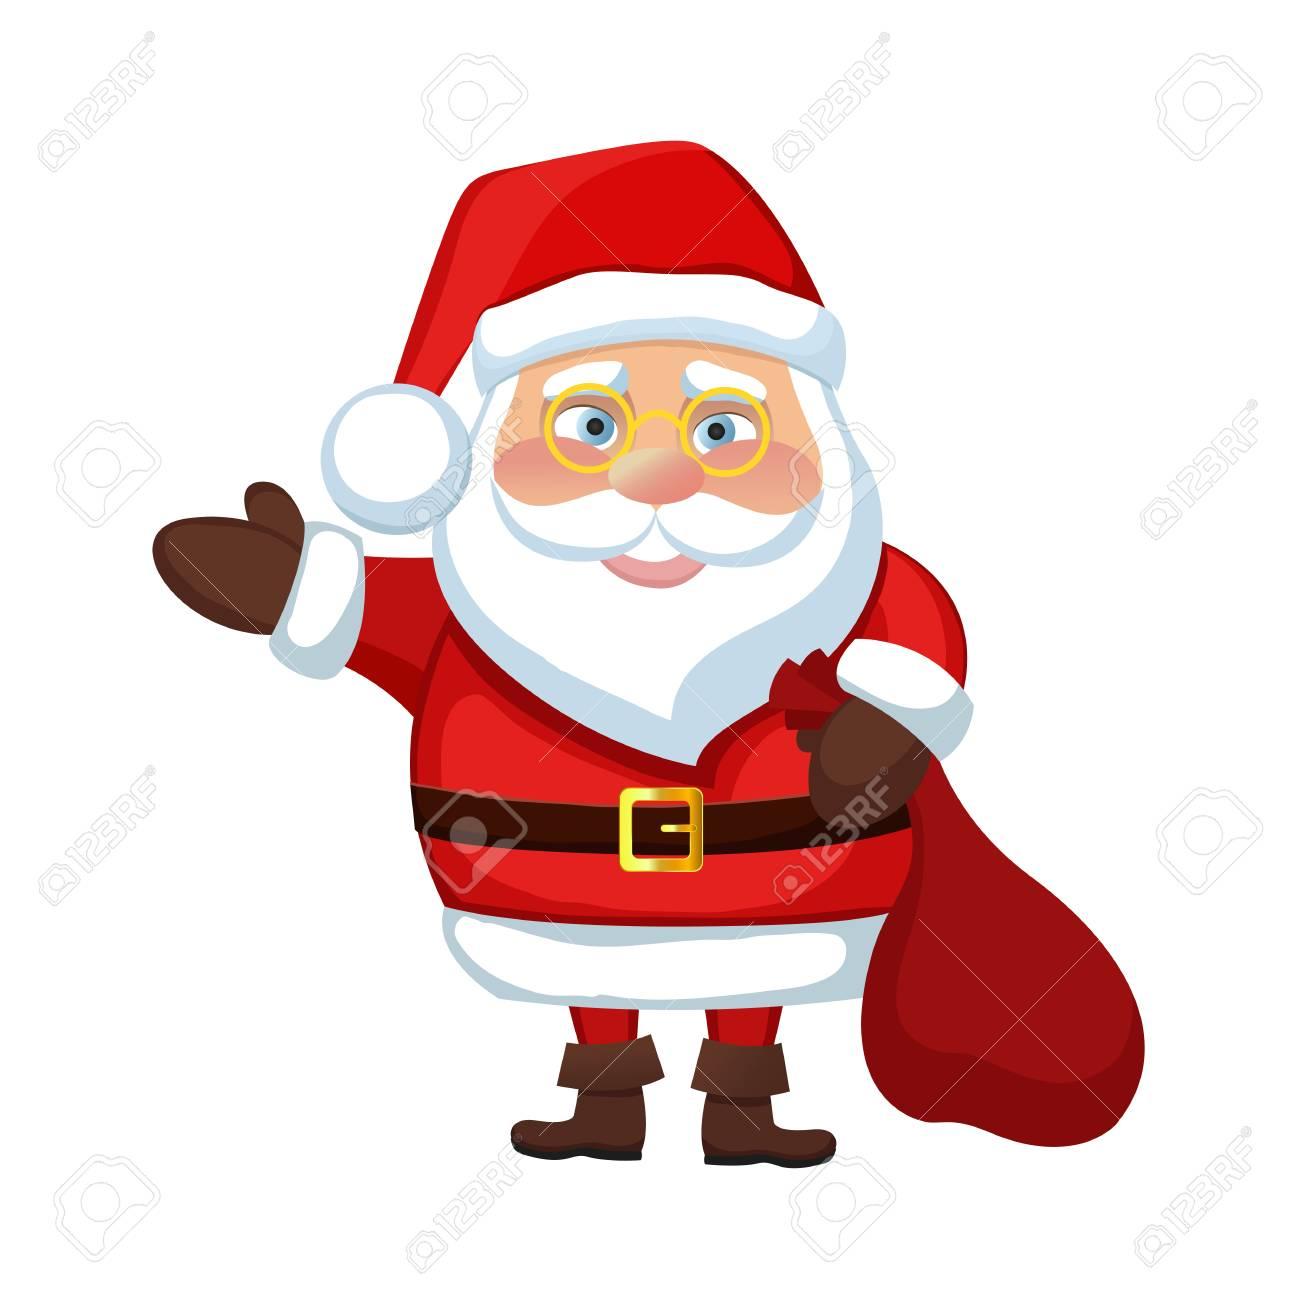 Abbildung Santa Claus Frohes Neues Jahr Frohe Weihnachten Wellen ...